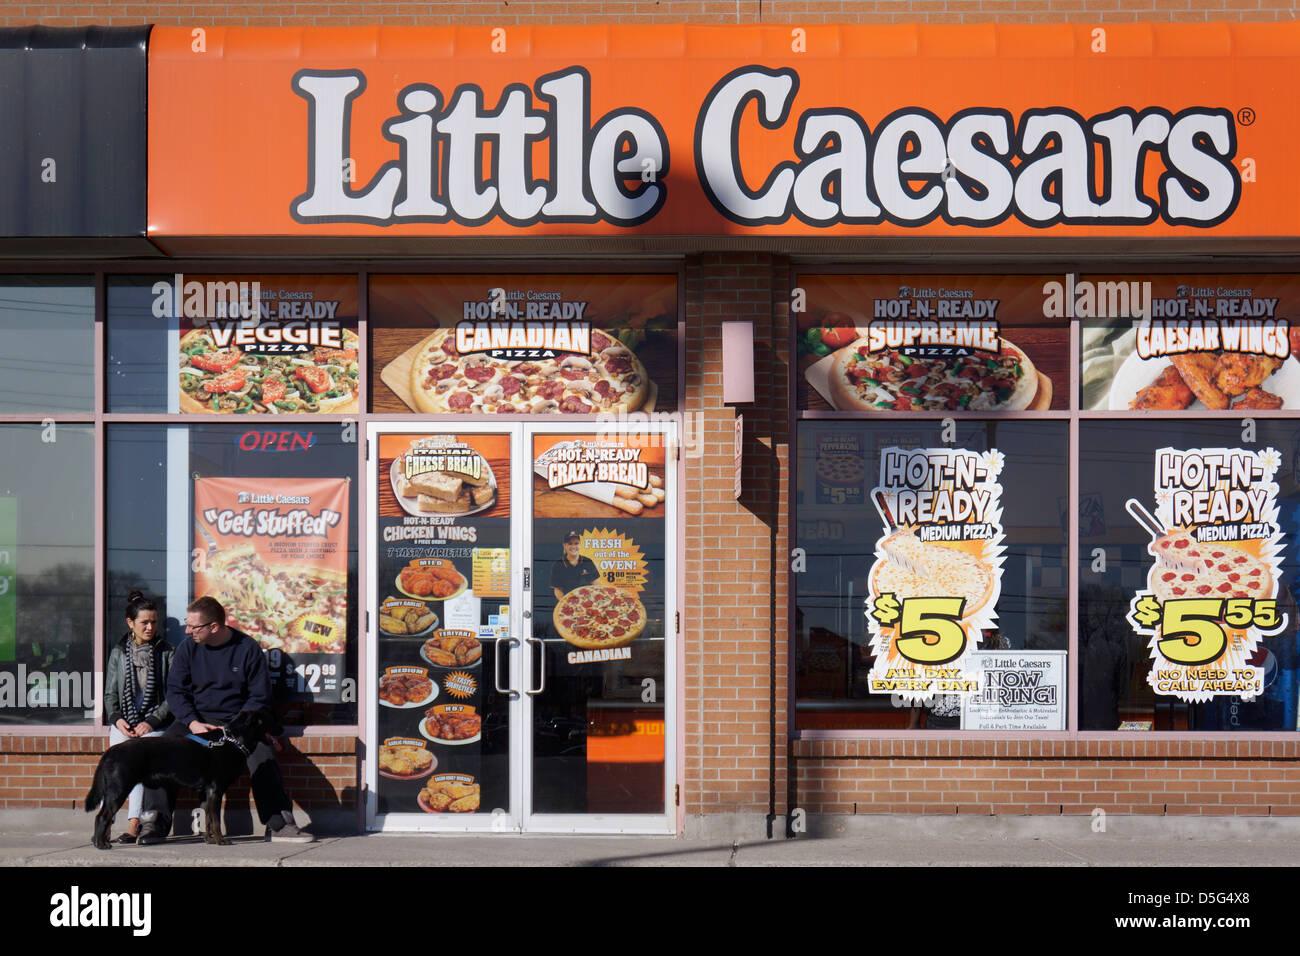 Little Caesars Restaurant - Stock Image